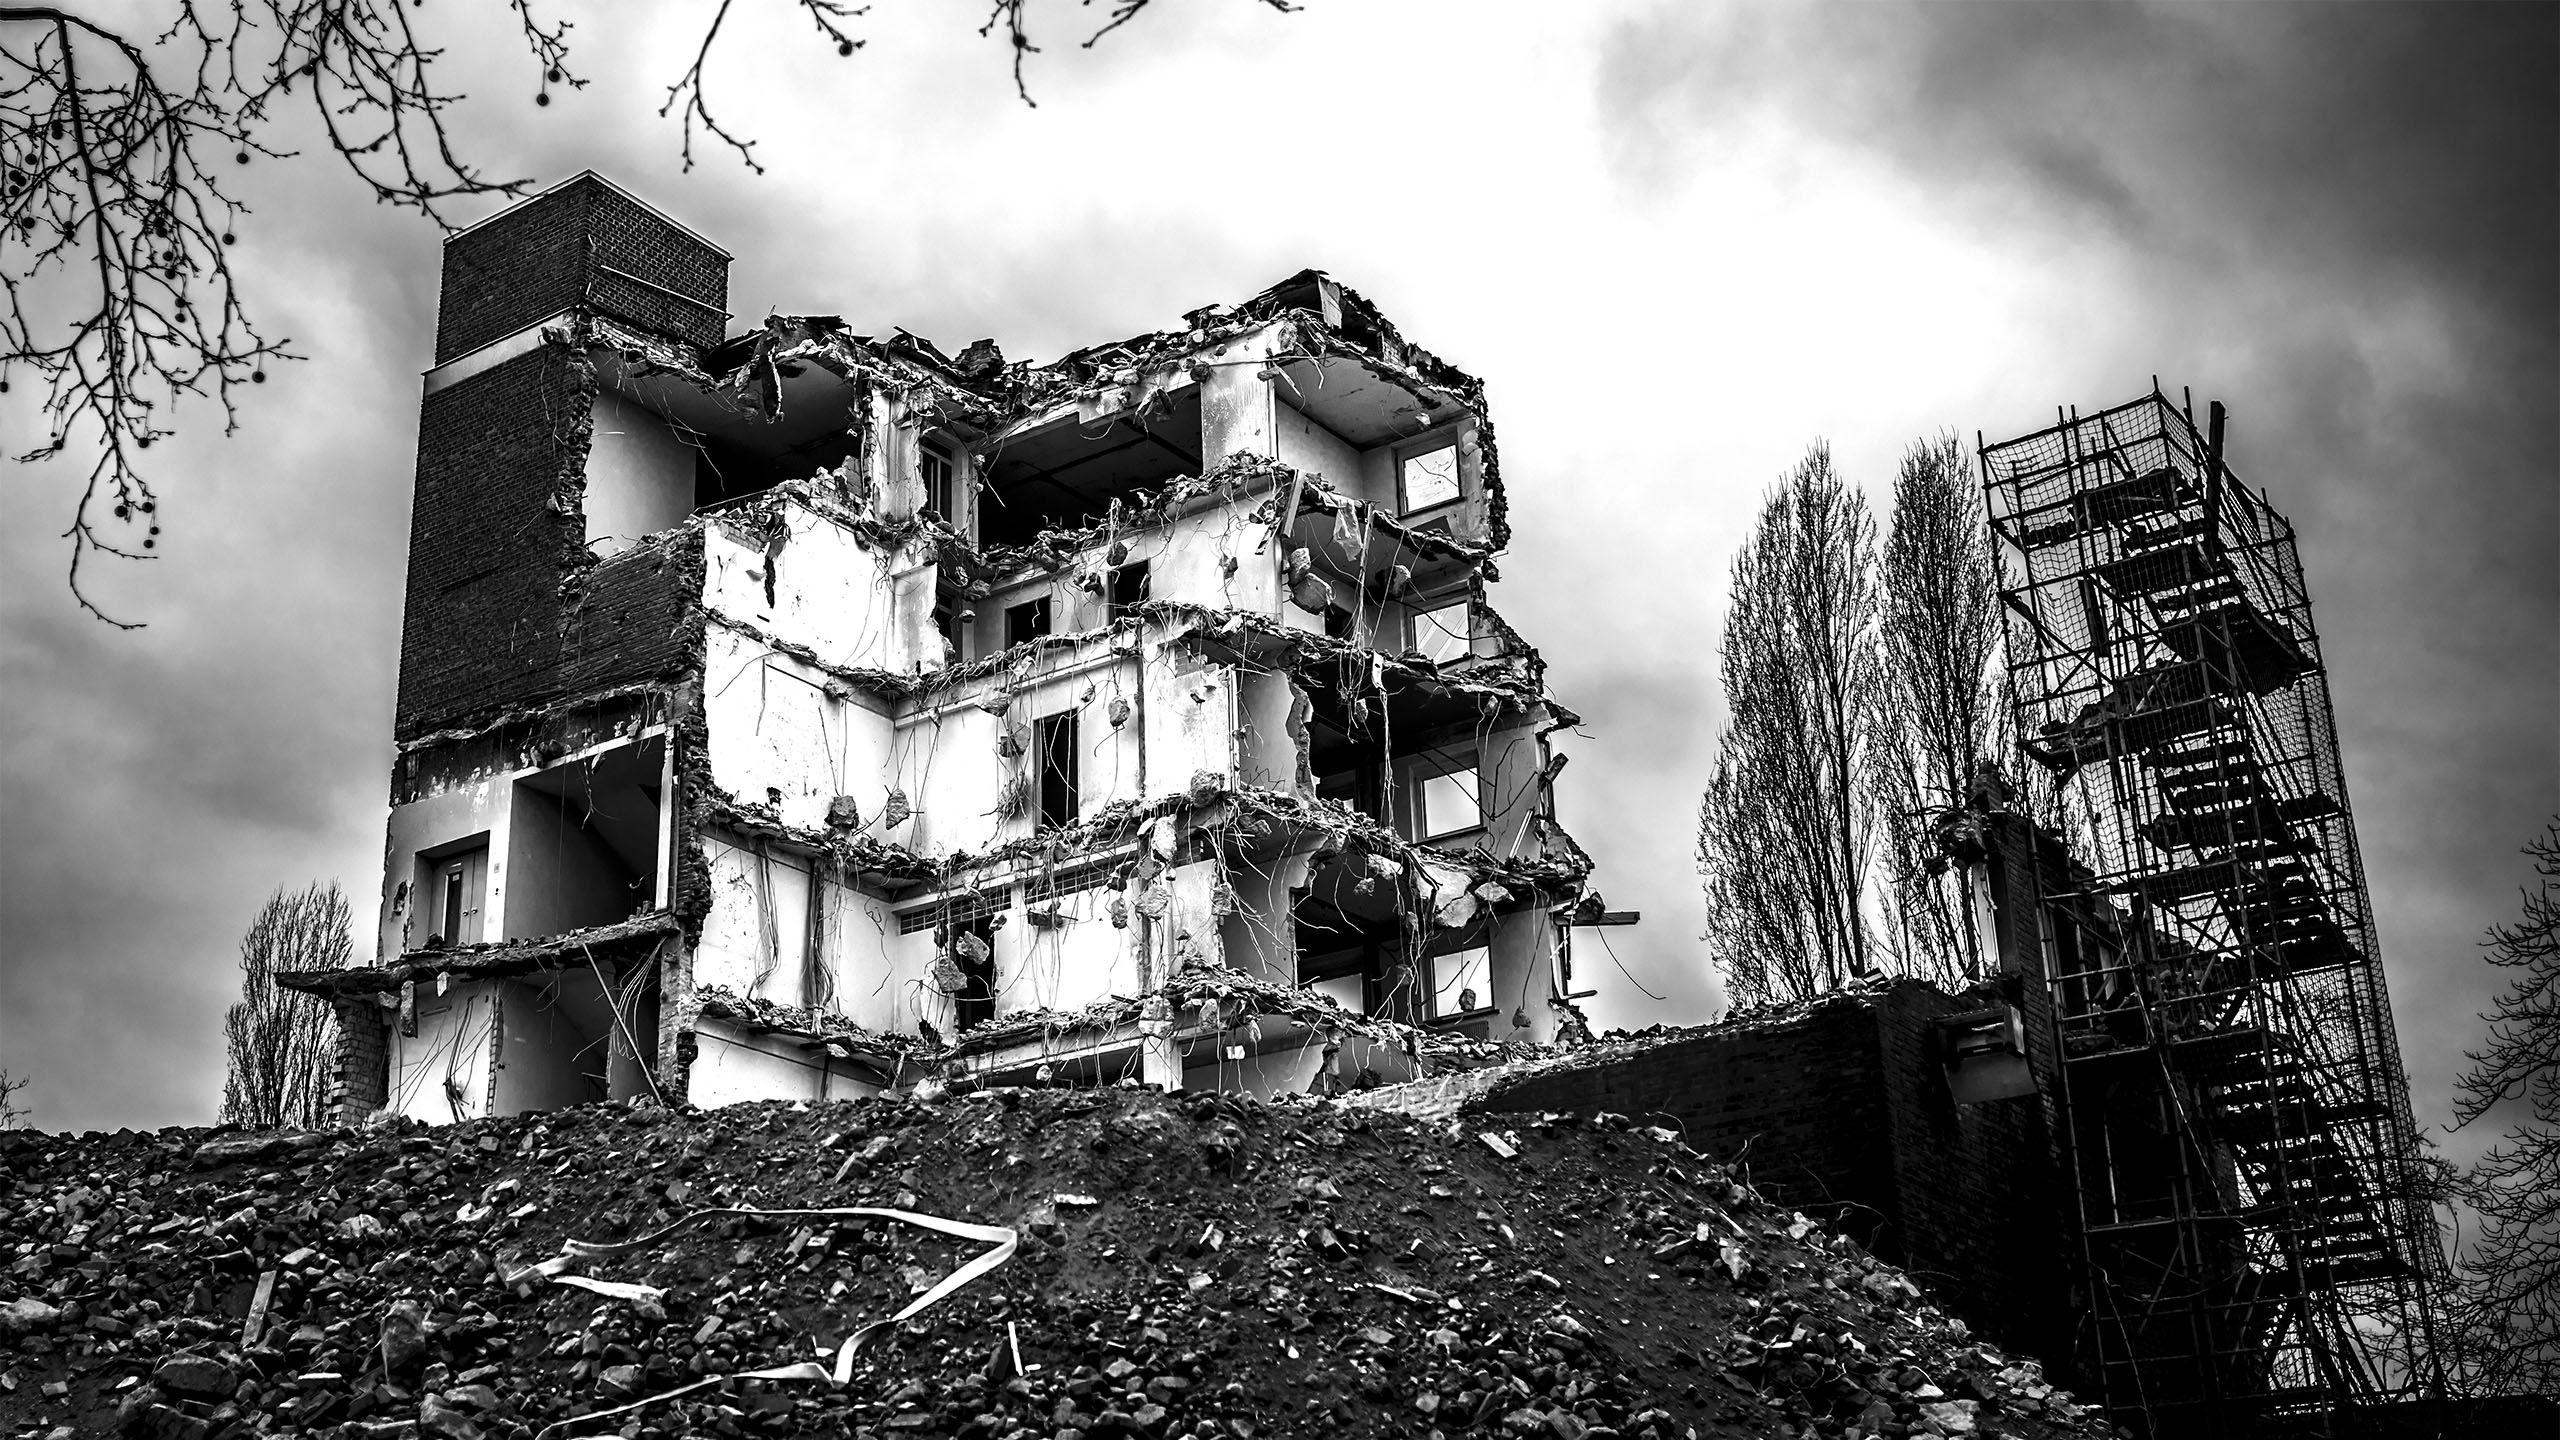 Ruine Bürogebäude Deutz AG, Köln Kalk, Kantstraße, 15.03.2015 um 14:53